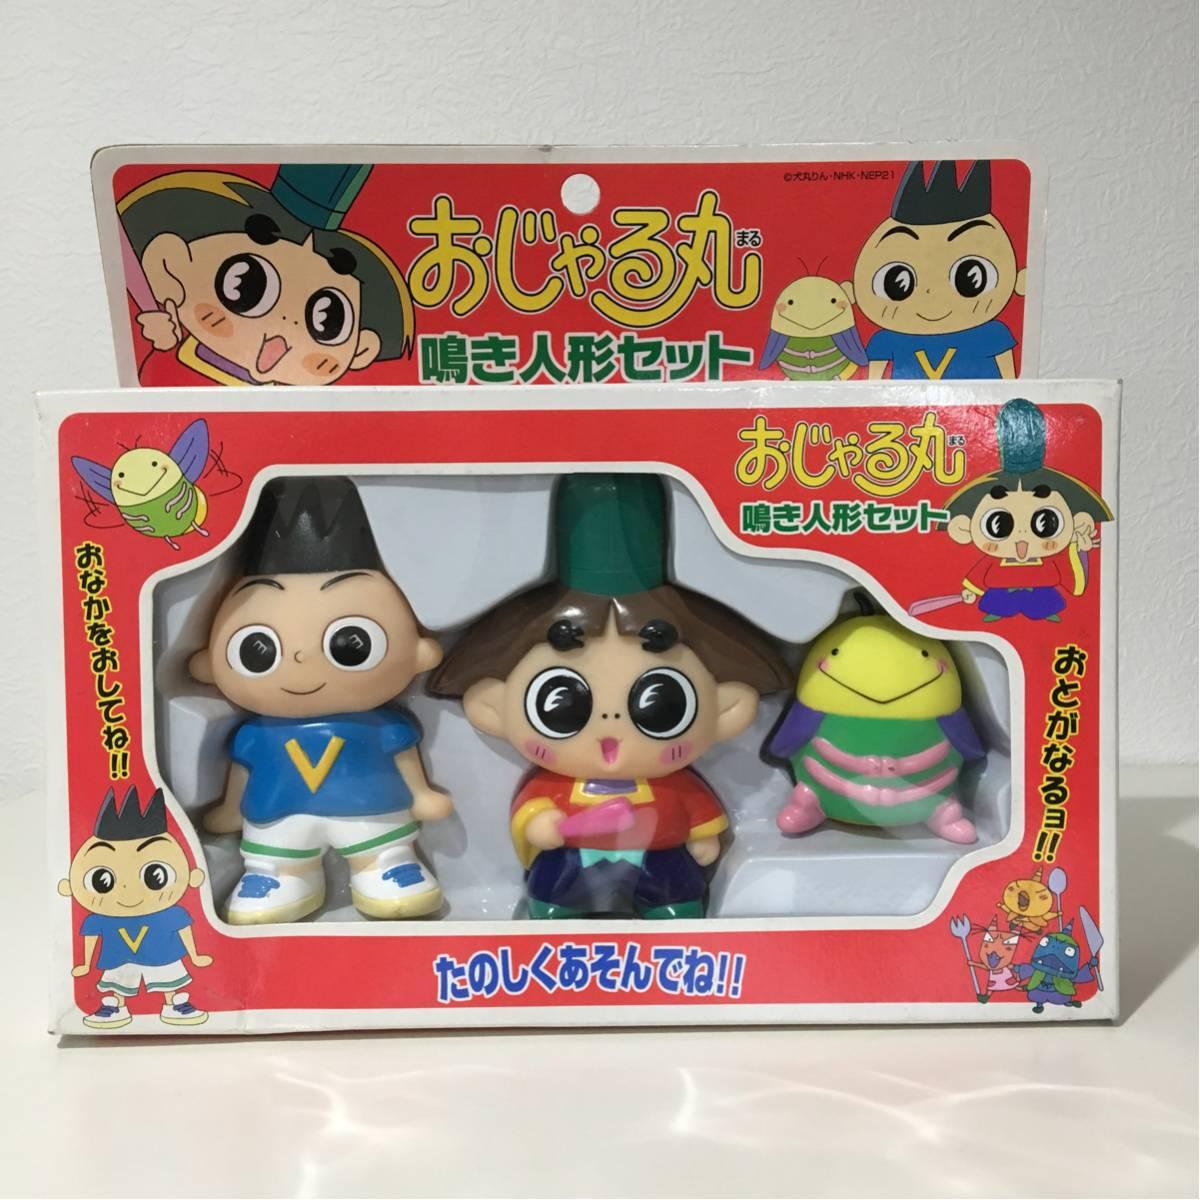 おじゃる丸 鳴き人形セット おじゃる丸 カズマ 電書ボタル マックス グッズの画像